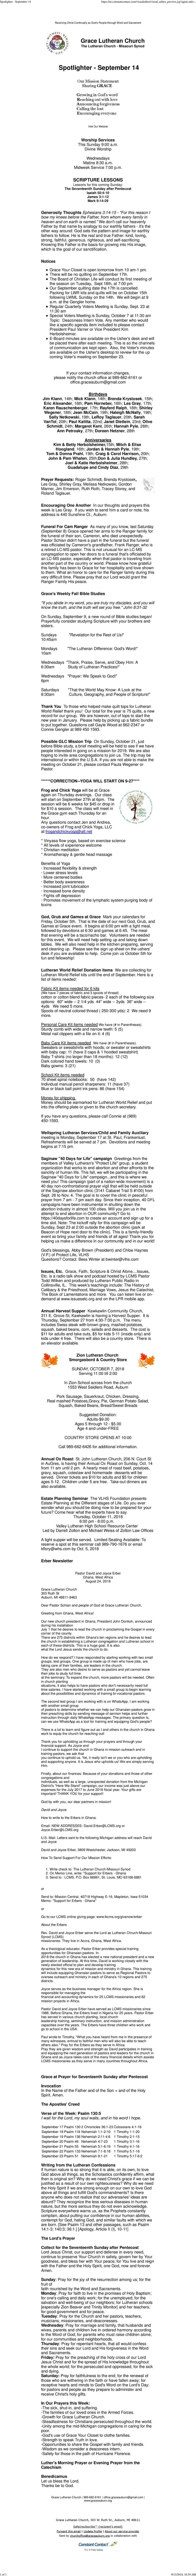 Spotlighter - September 14-page-001.jpg